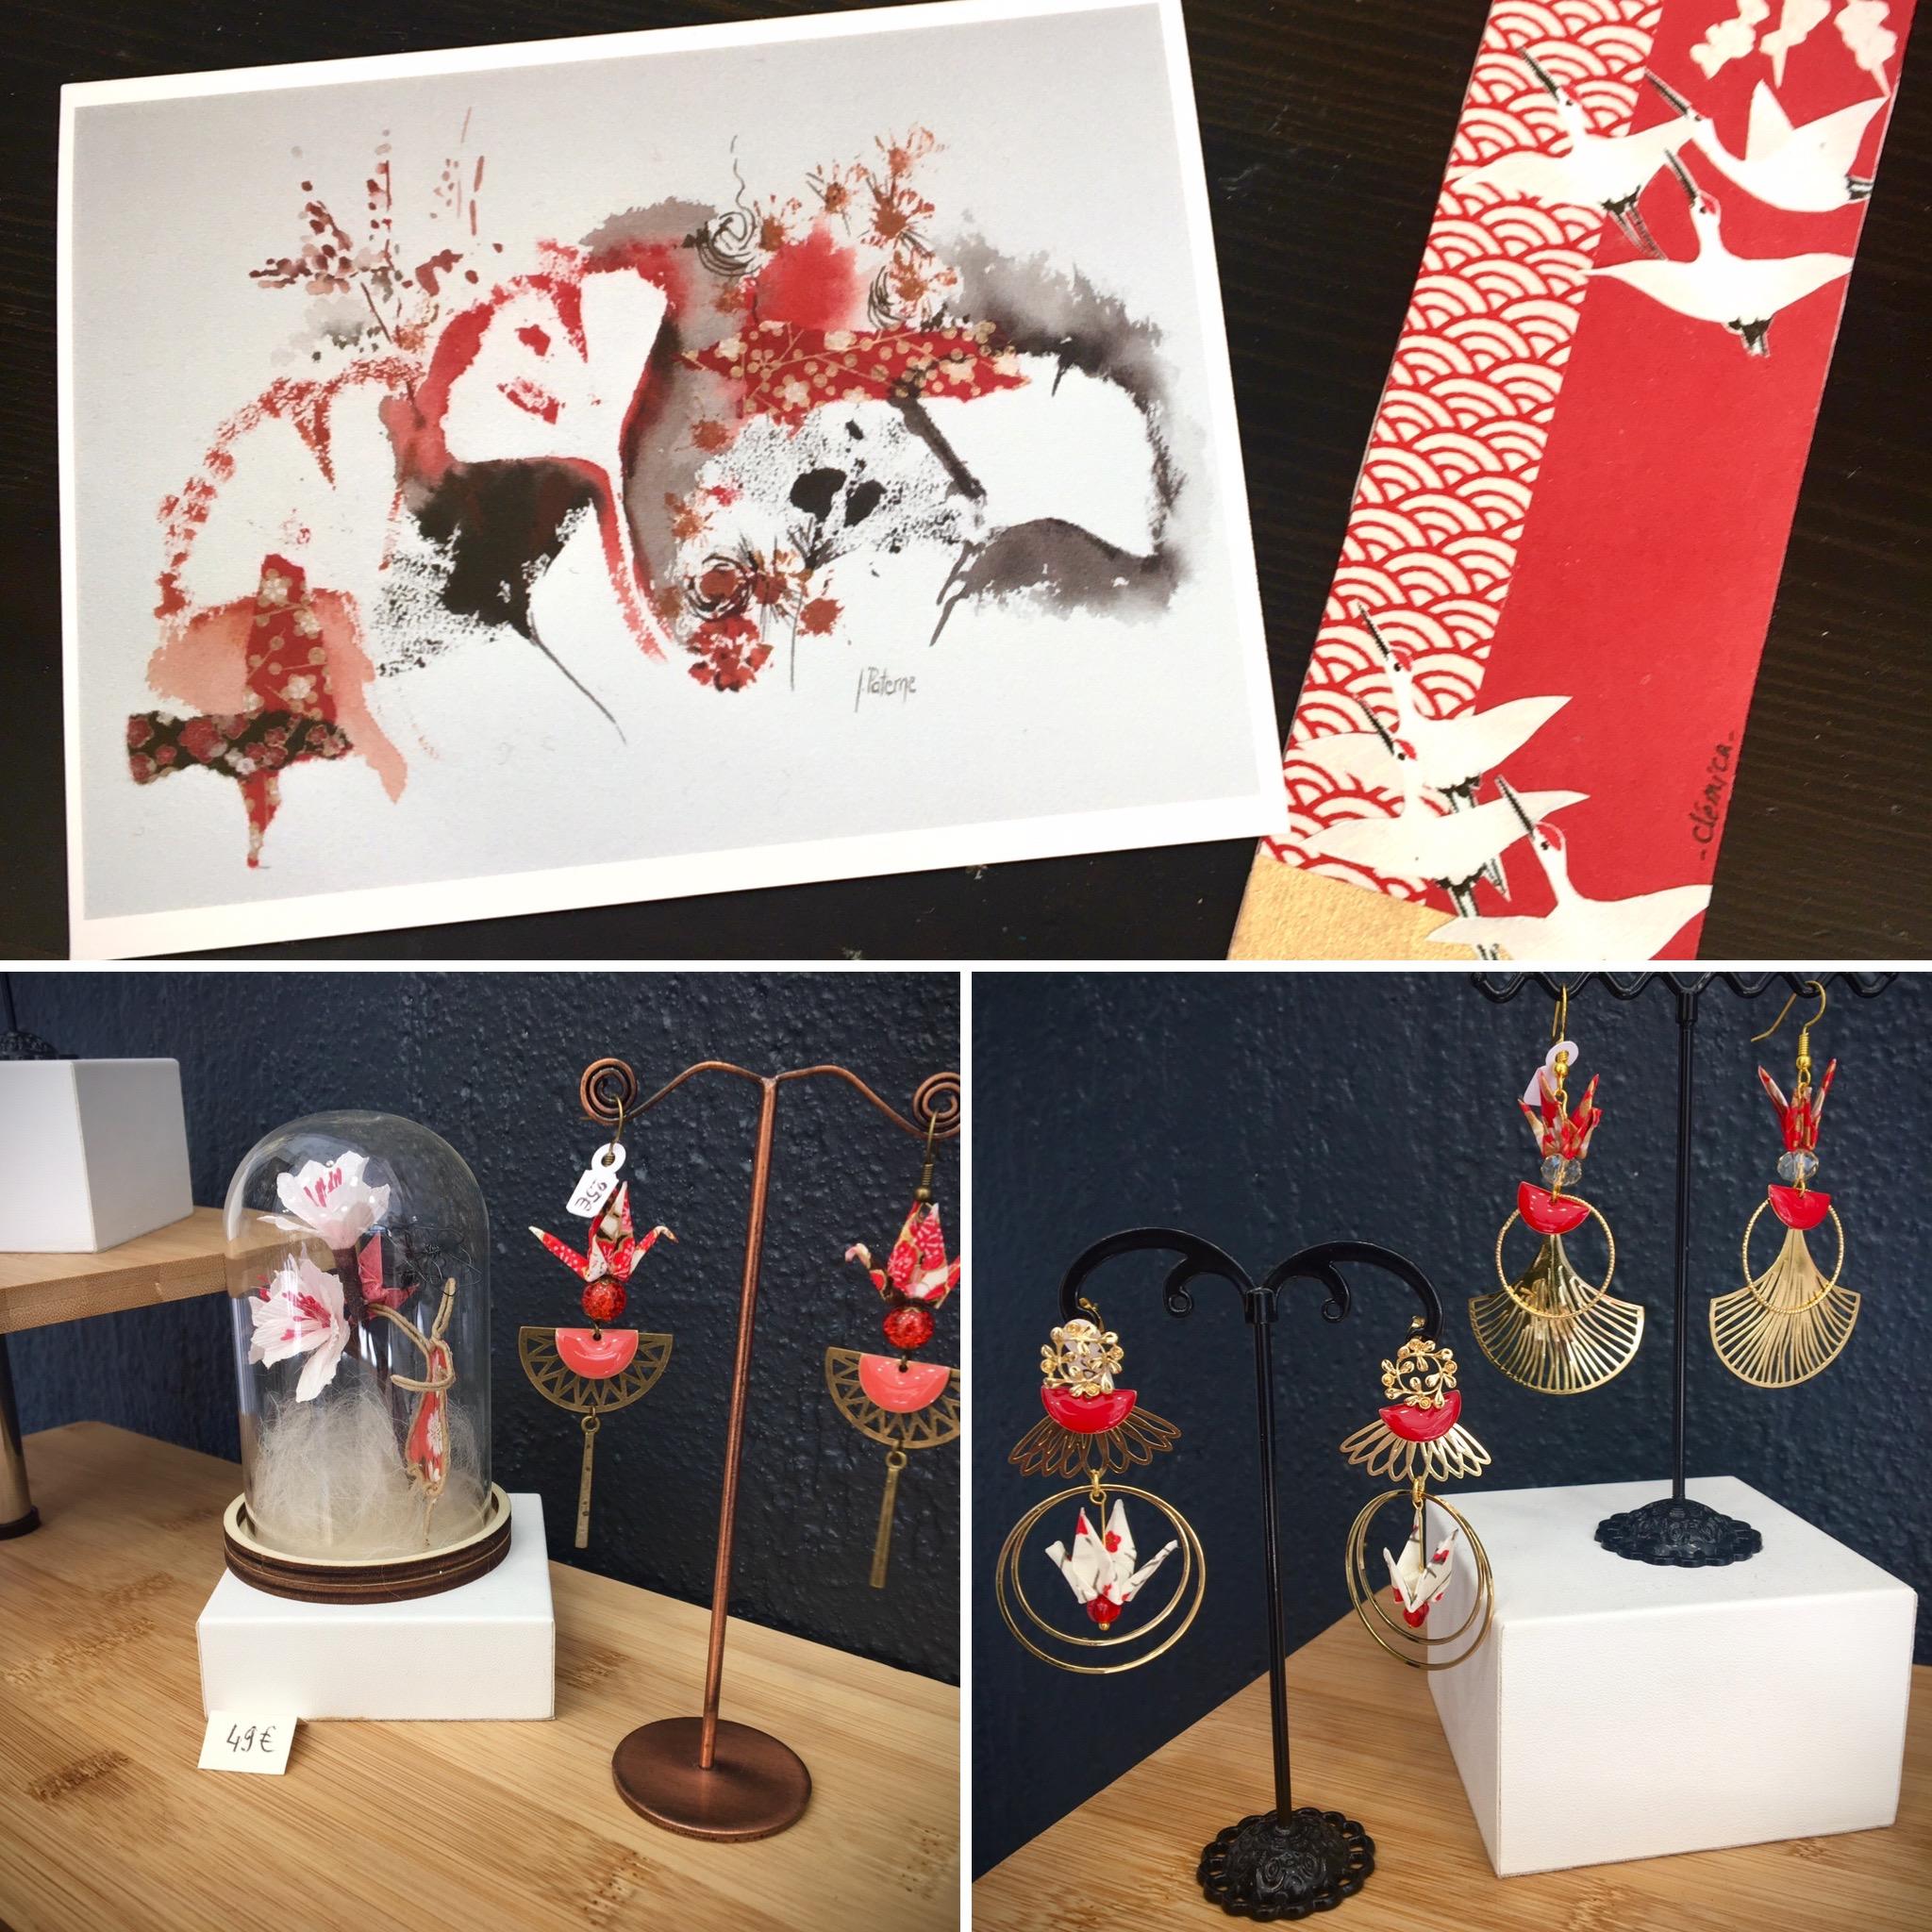 Jessica paterne clemica artisanat d'art artiste en creuse bijoux origami boucles d'oreilles origami